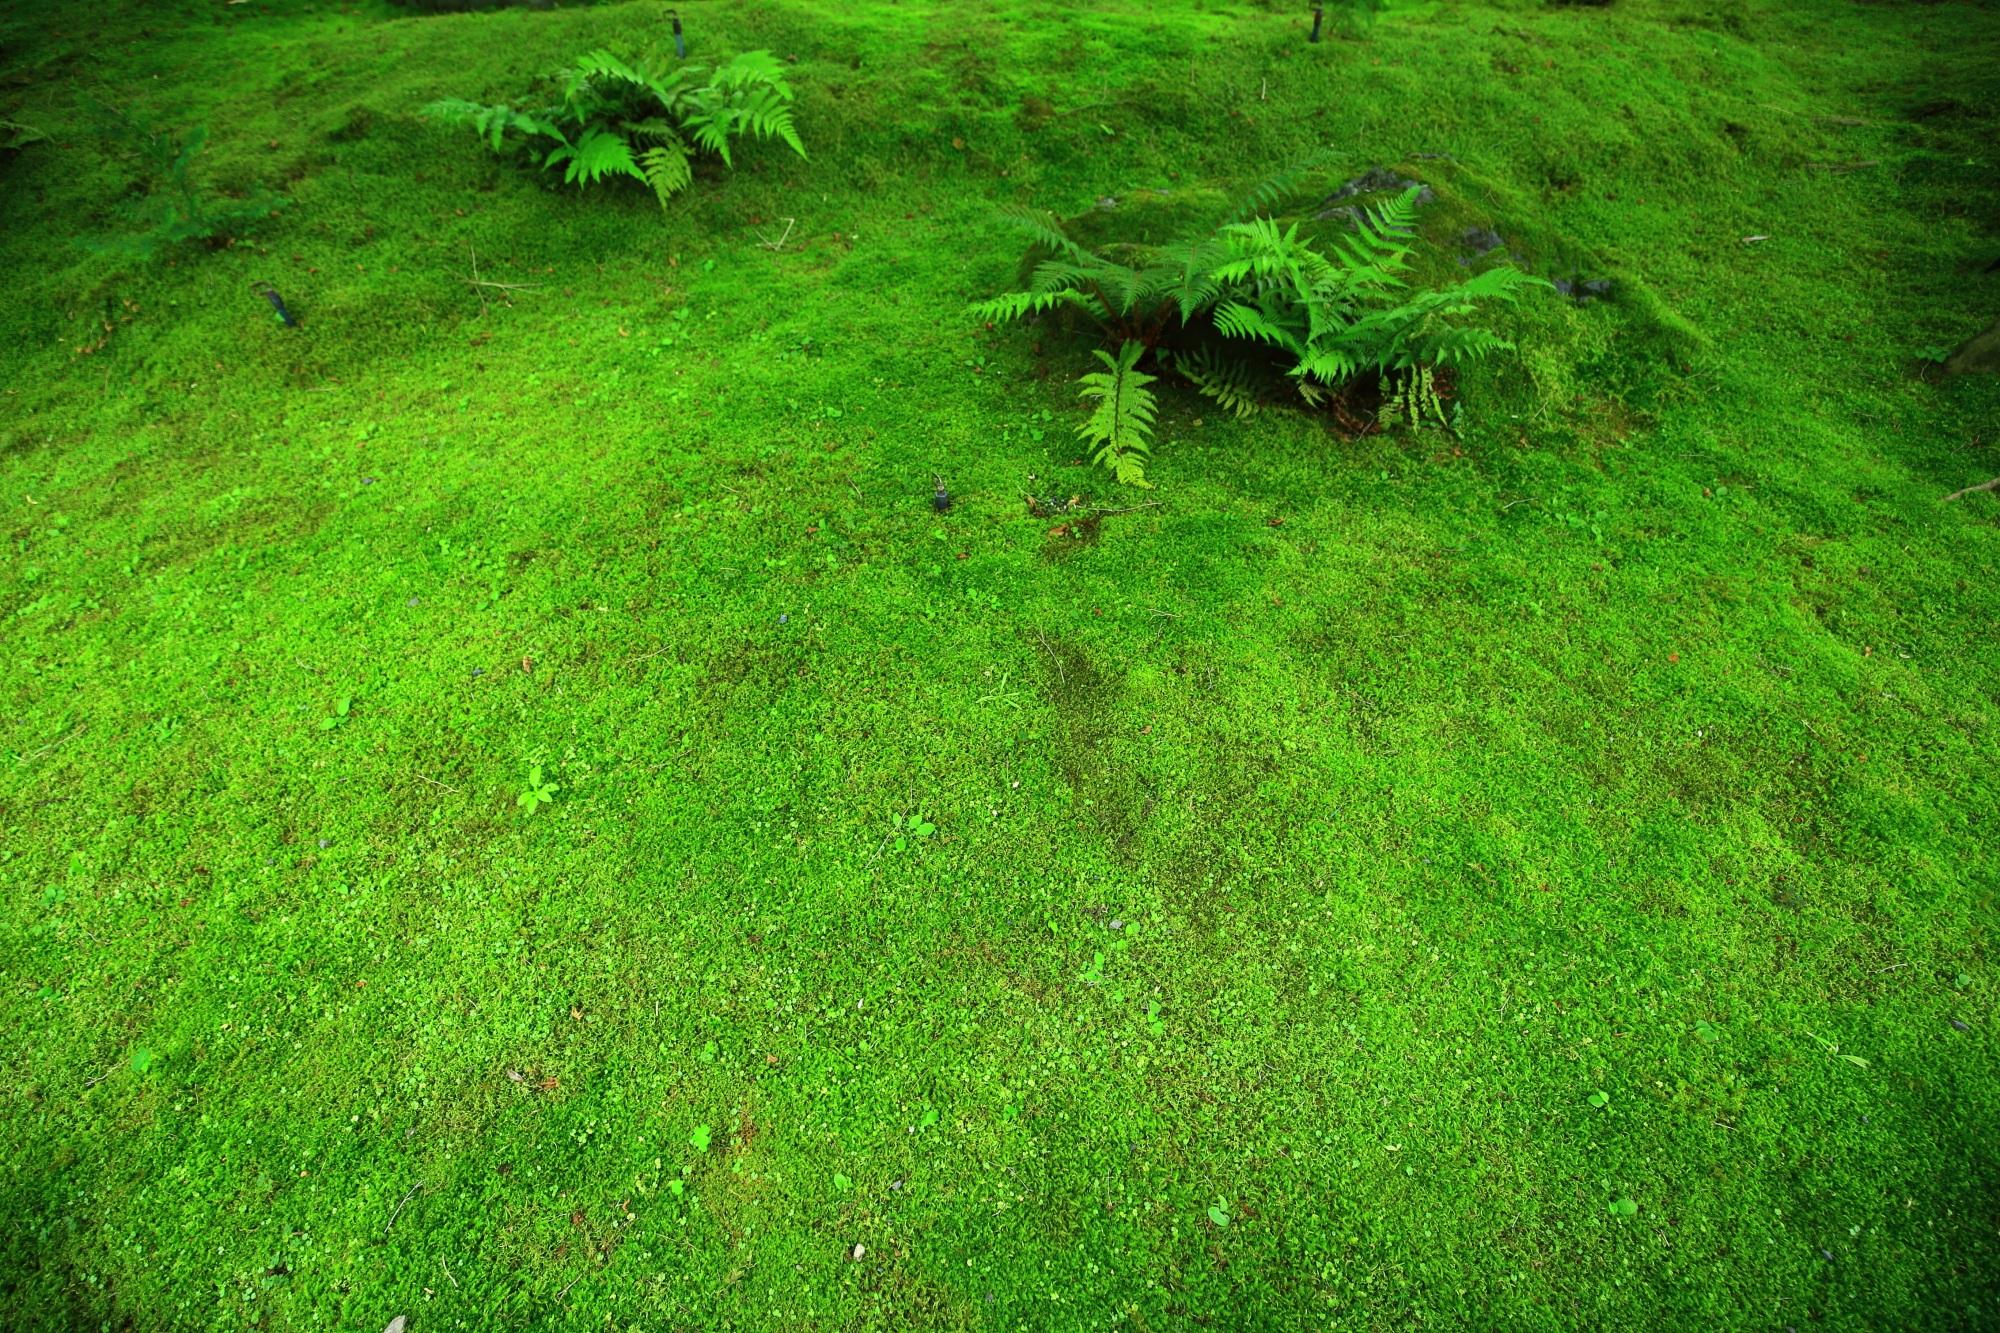 高画質 永観堂 写真 苔 緑 綺麗